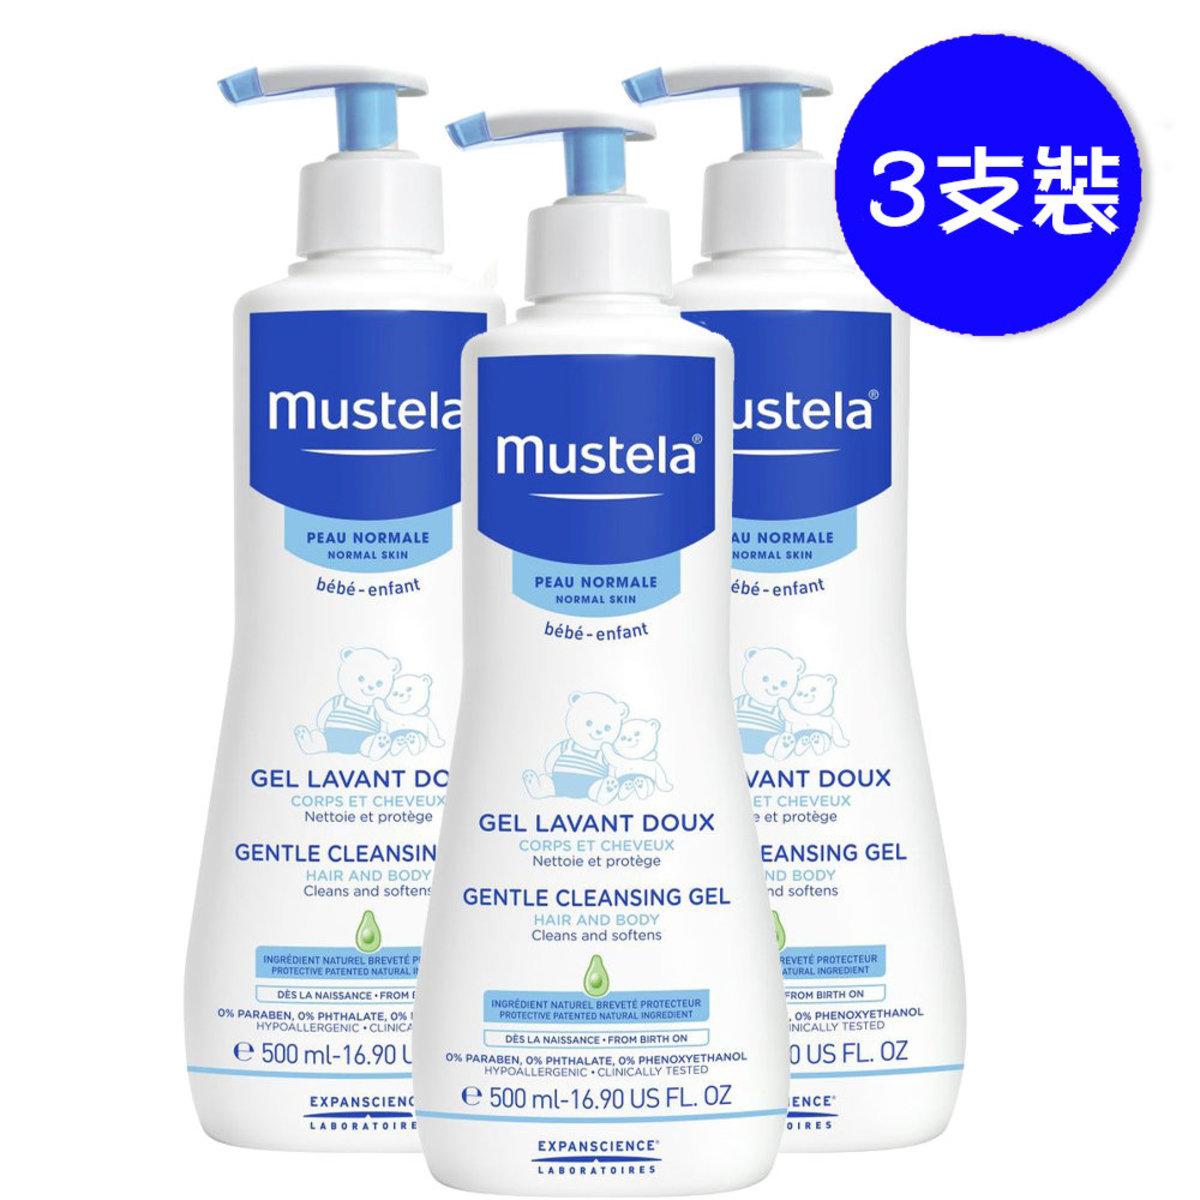 髮膚沐浴啫喱 500ml (不含皂性) 法國版 x3